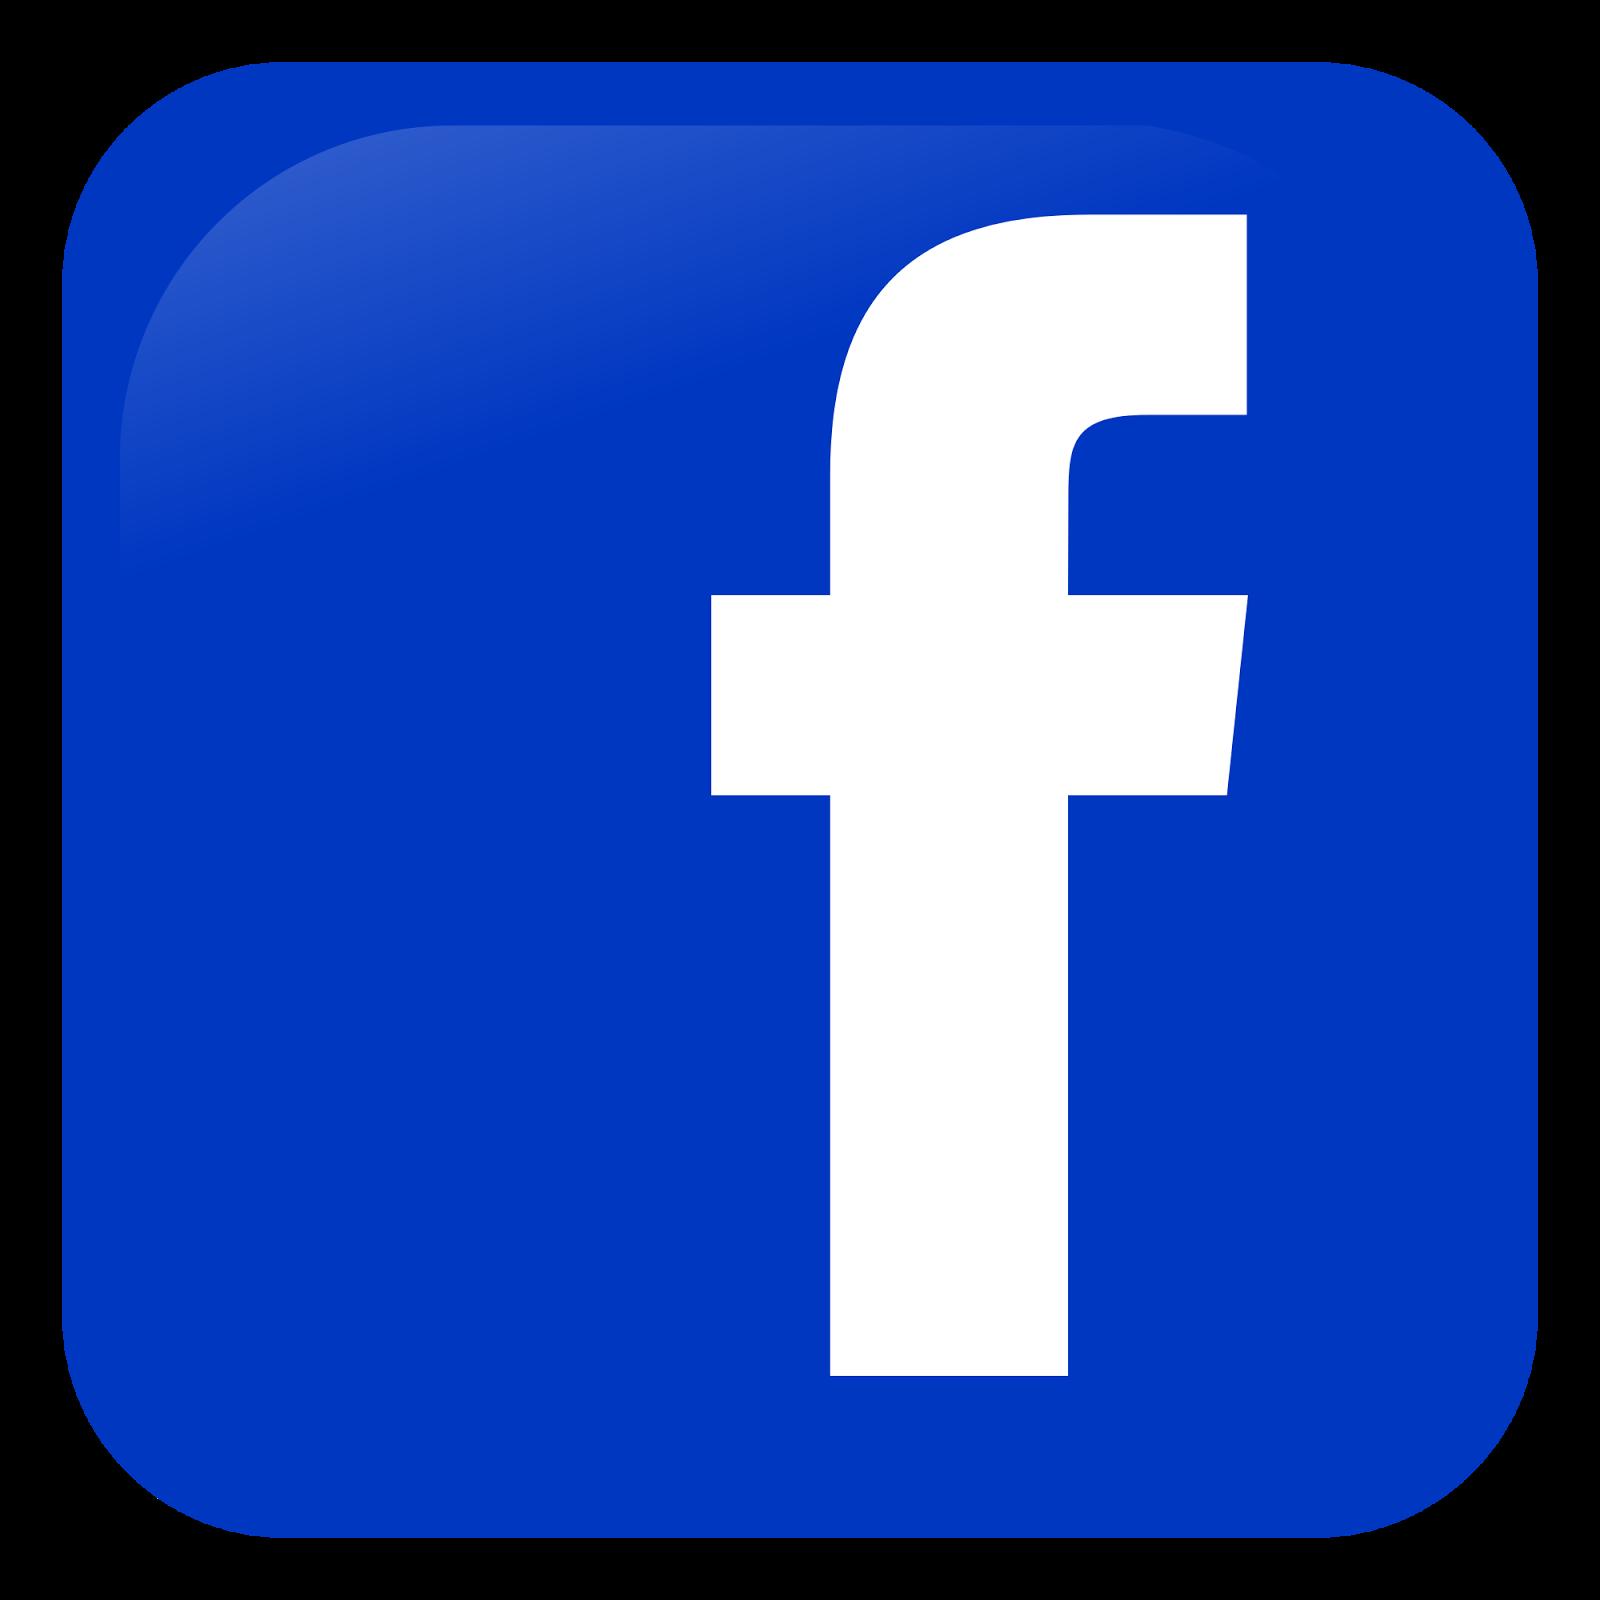 تحميل مقطع فيديو من فيس بوك